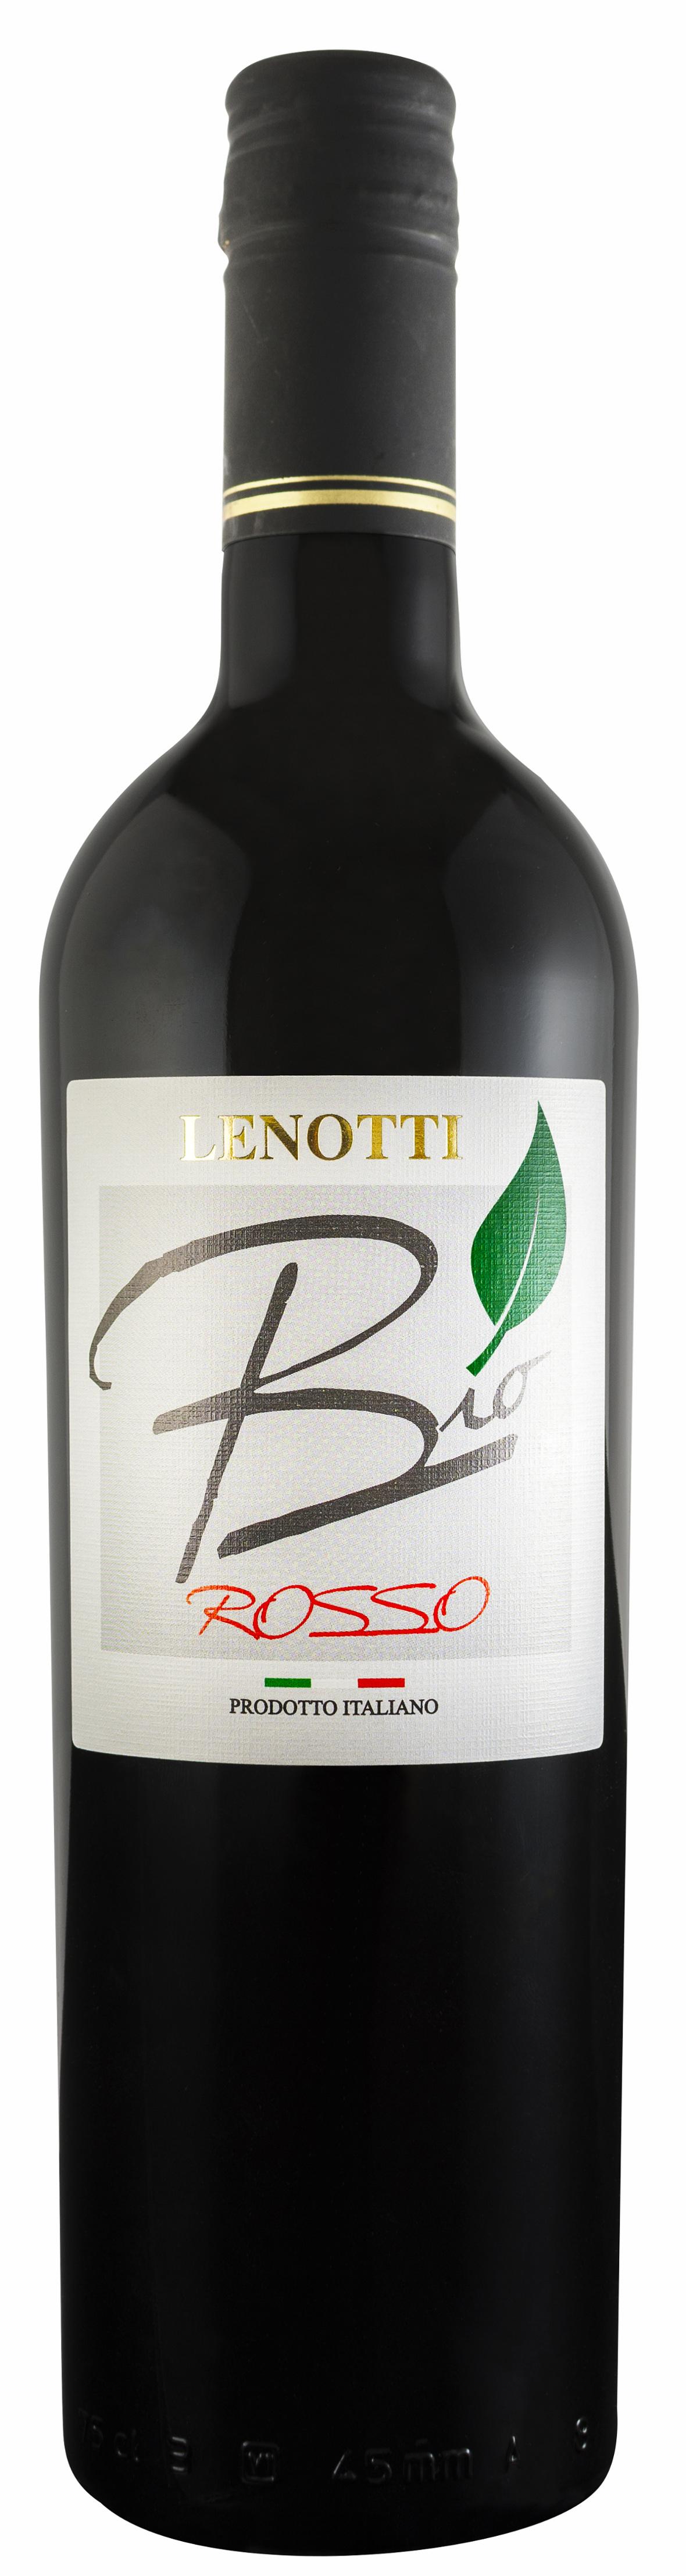 Lenotti Bio Rosso